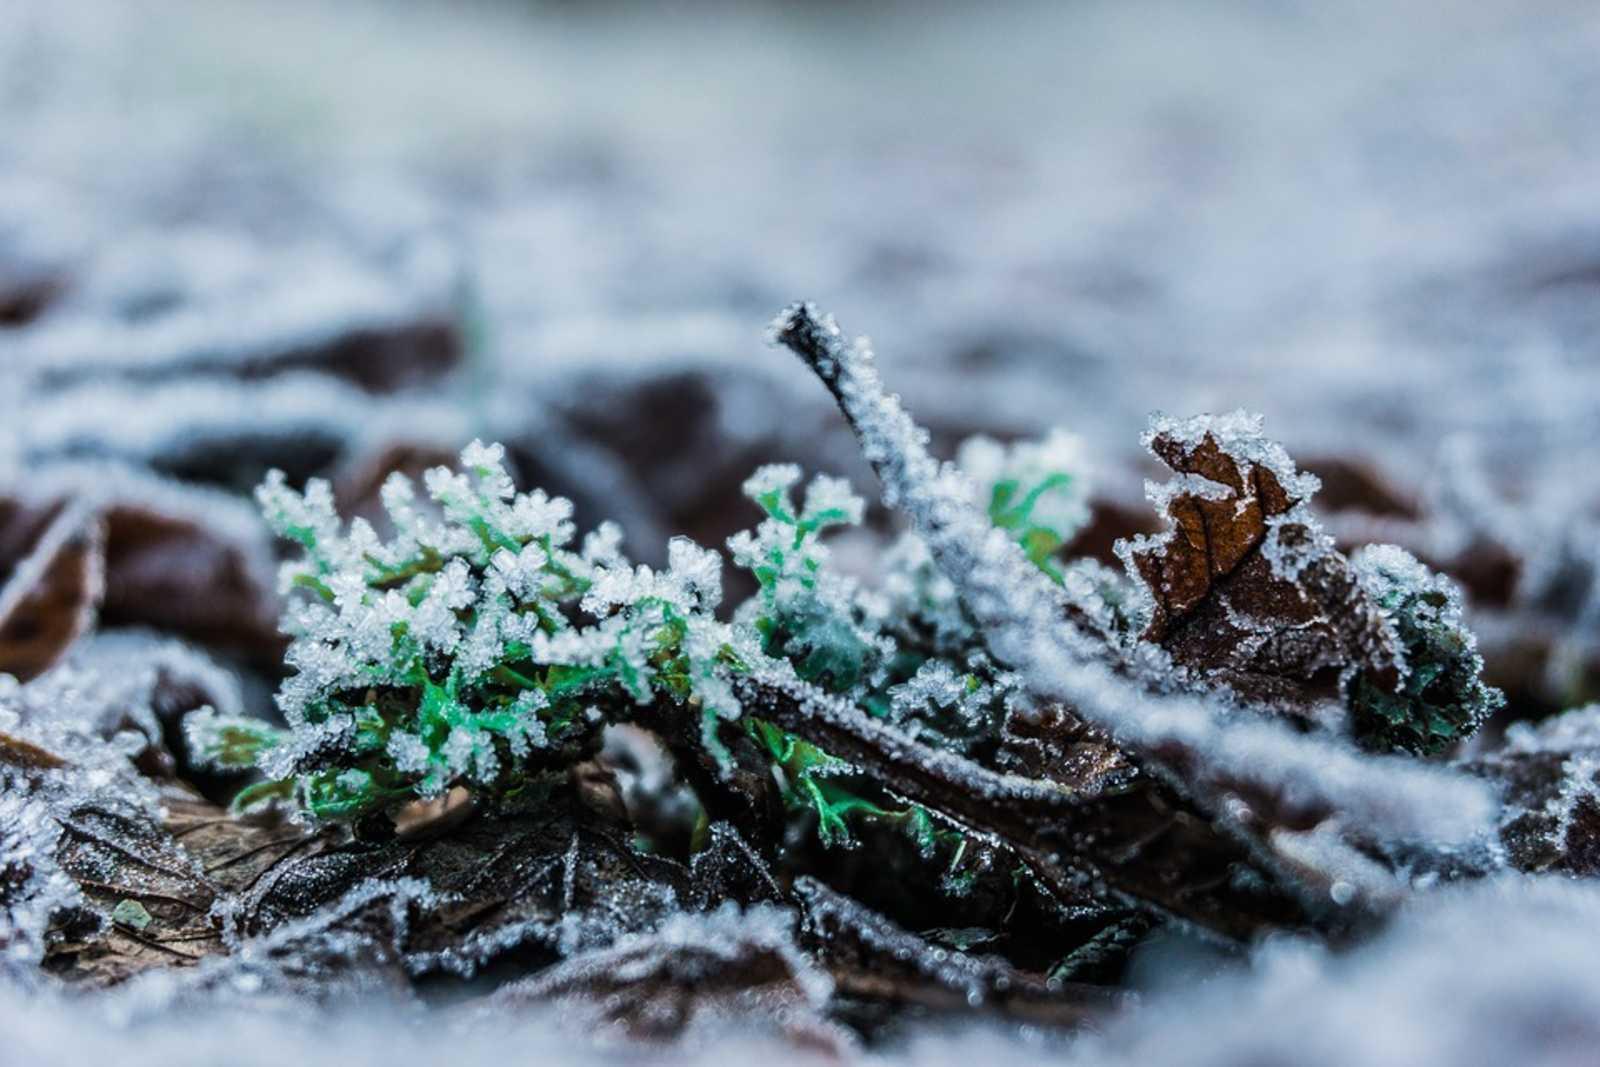 Gartentipps Für Den März: Die Neuen Stars & Wer Jetzt Unters ... Gartentipps Winter Beachten